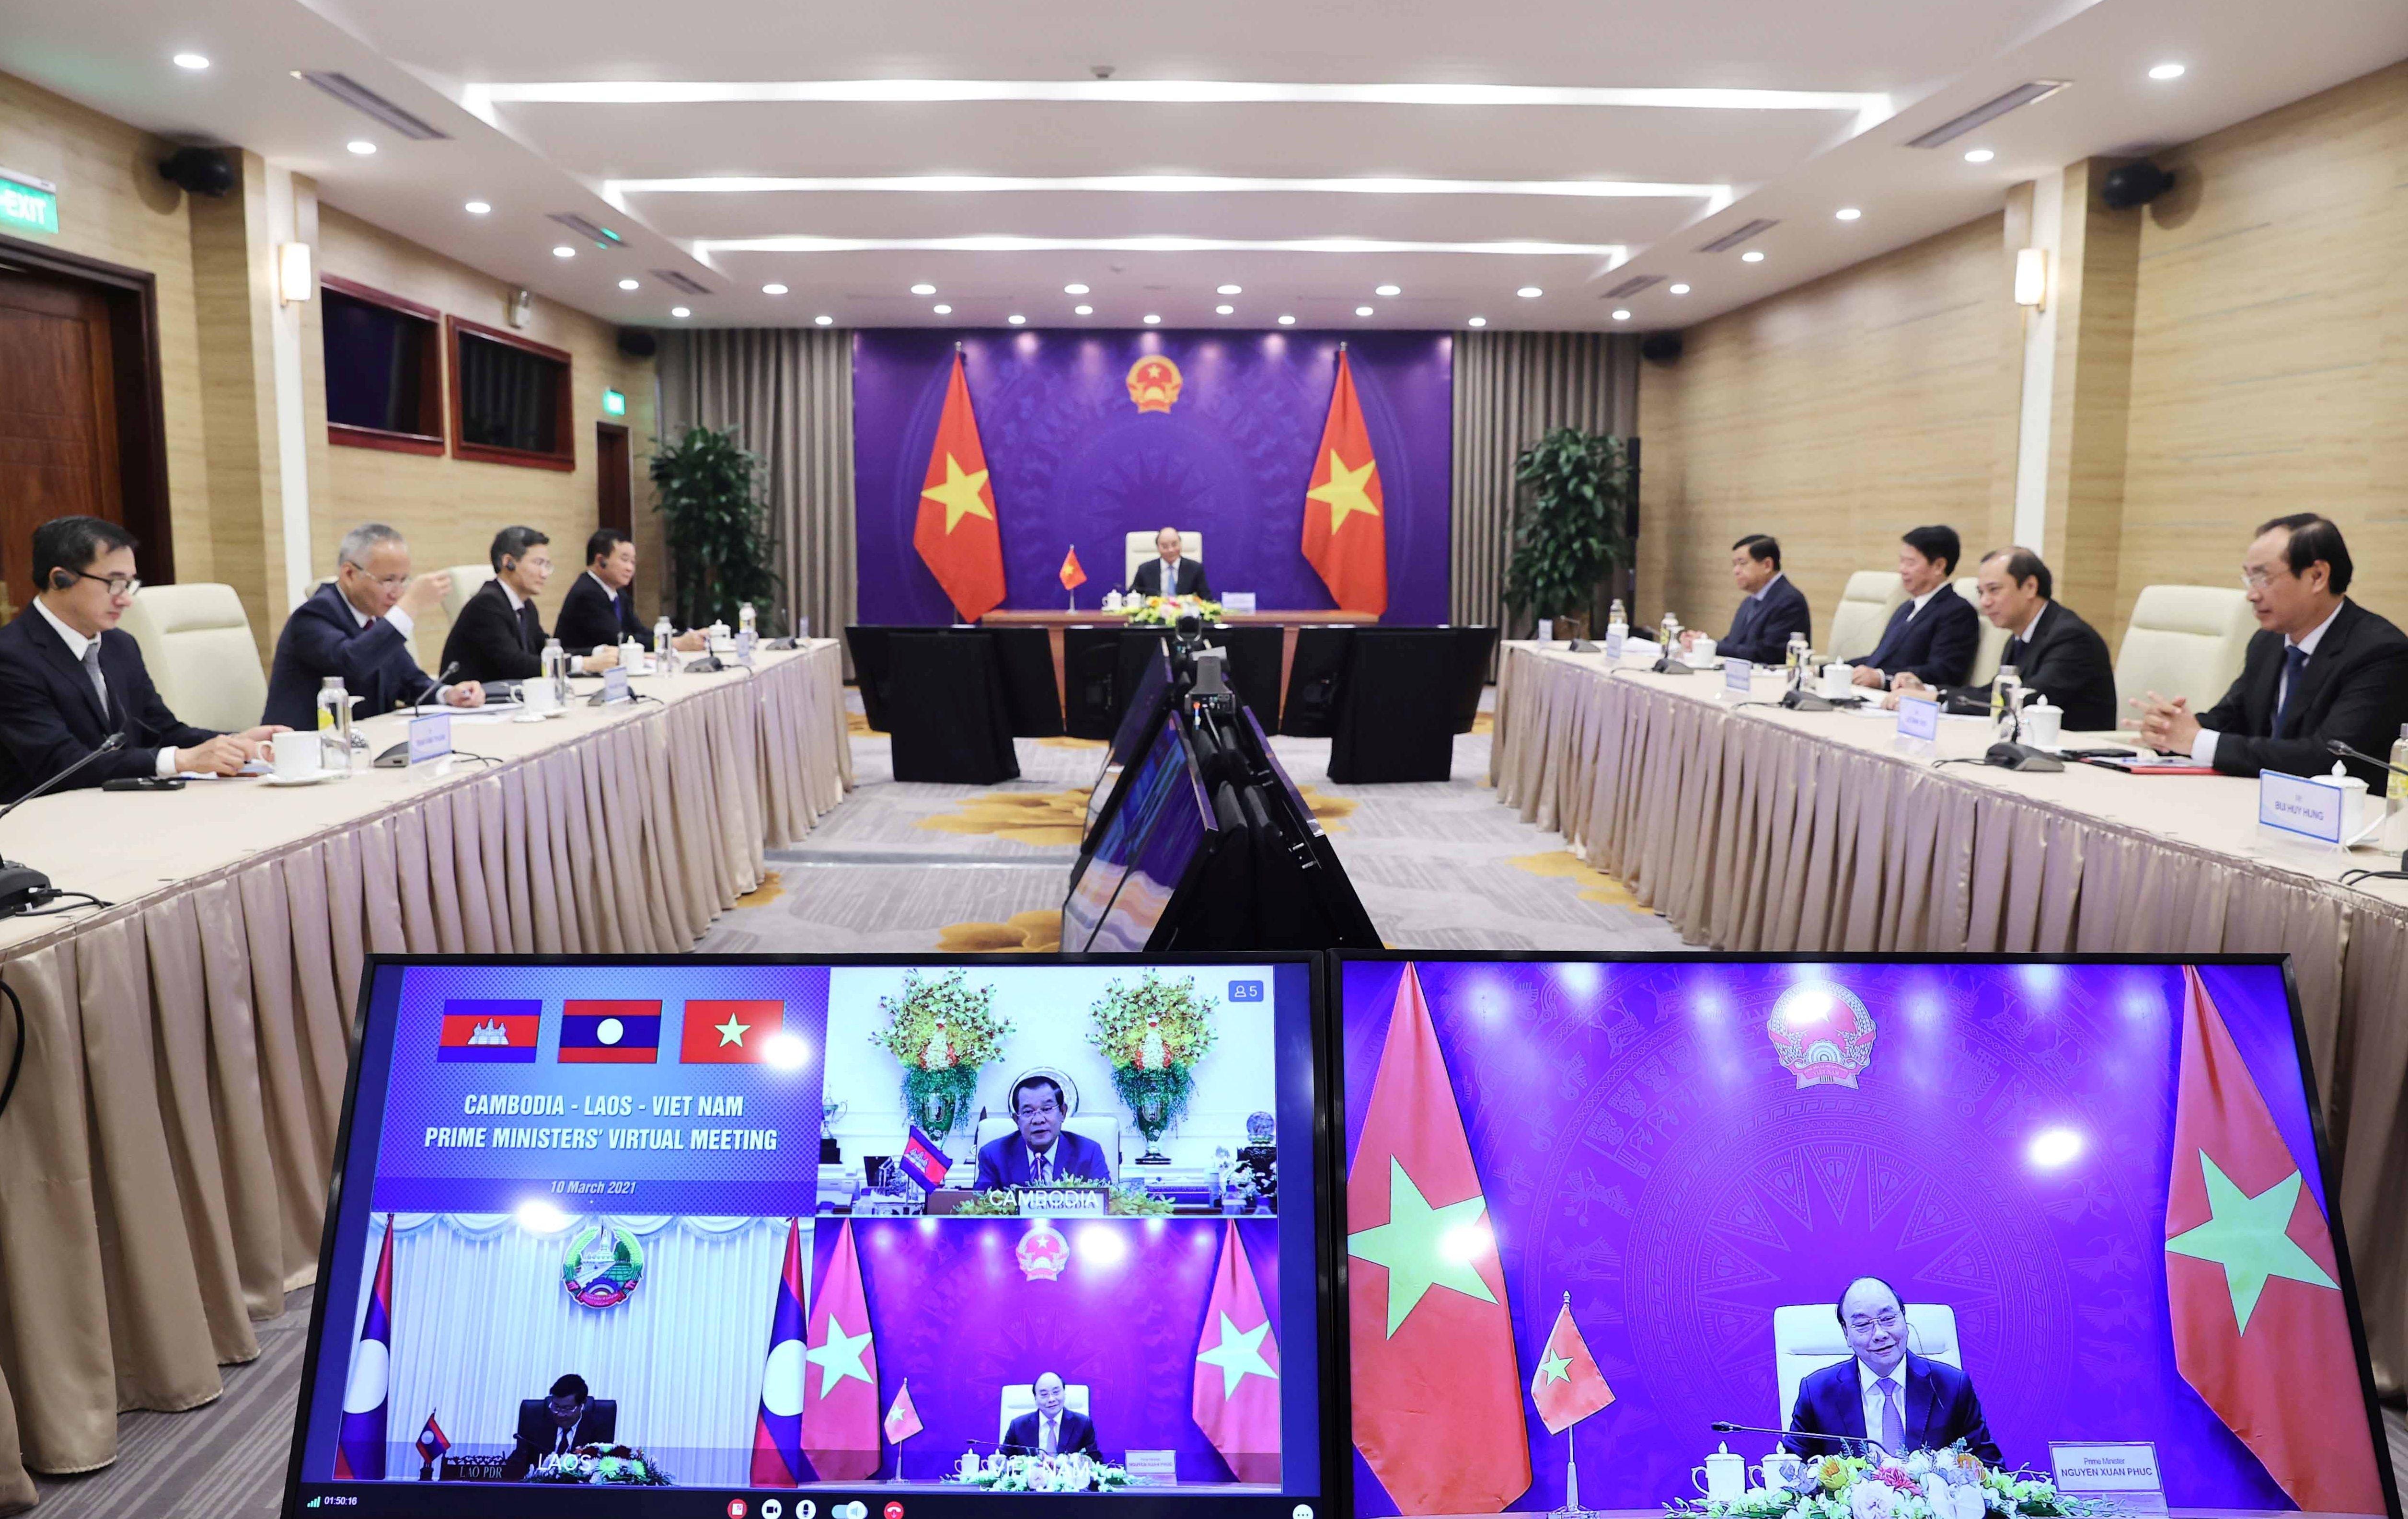 Việt Nam - Lào - Campuchia tiếp tục đẩy mạnh hợp tác, hỗ trợ trong phòng chống dịch Covid-19